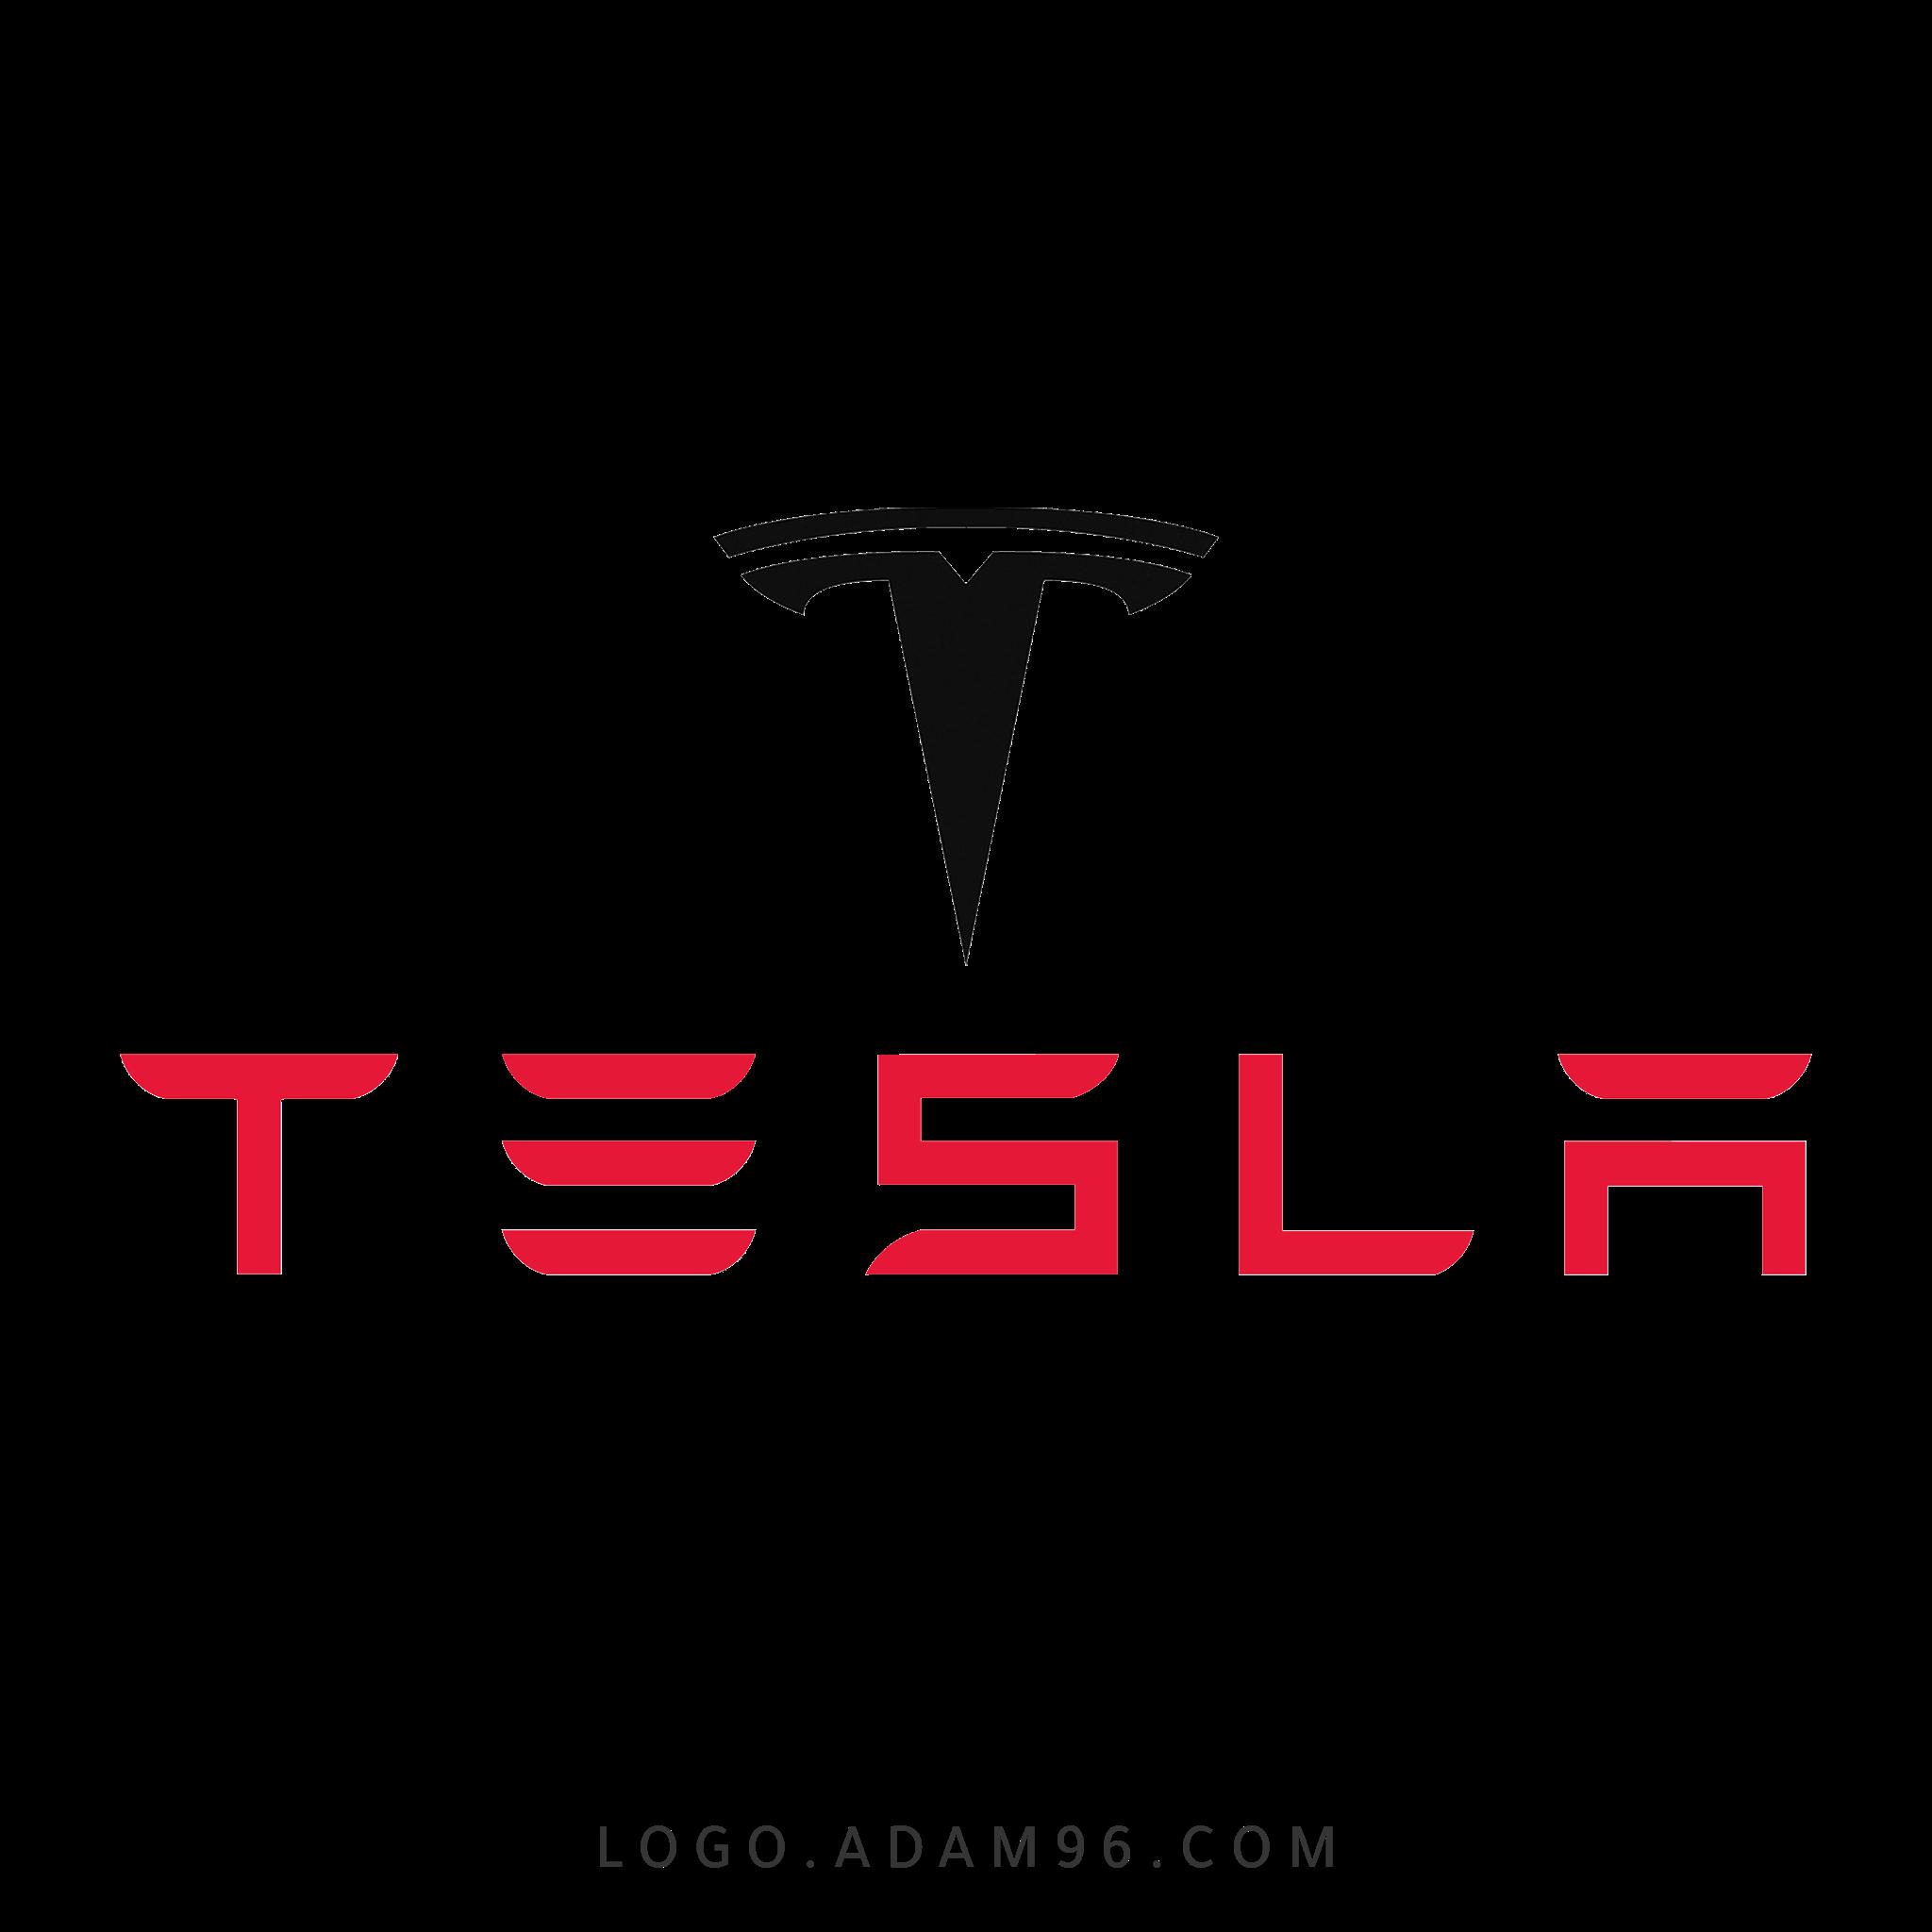 تحميل شعار شركة تسلا لصناعة السيارات لوجو عالي الدقة بصيغة شفافة Logo Tesla PNG